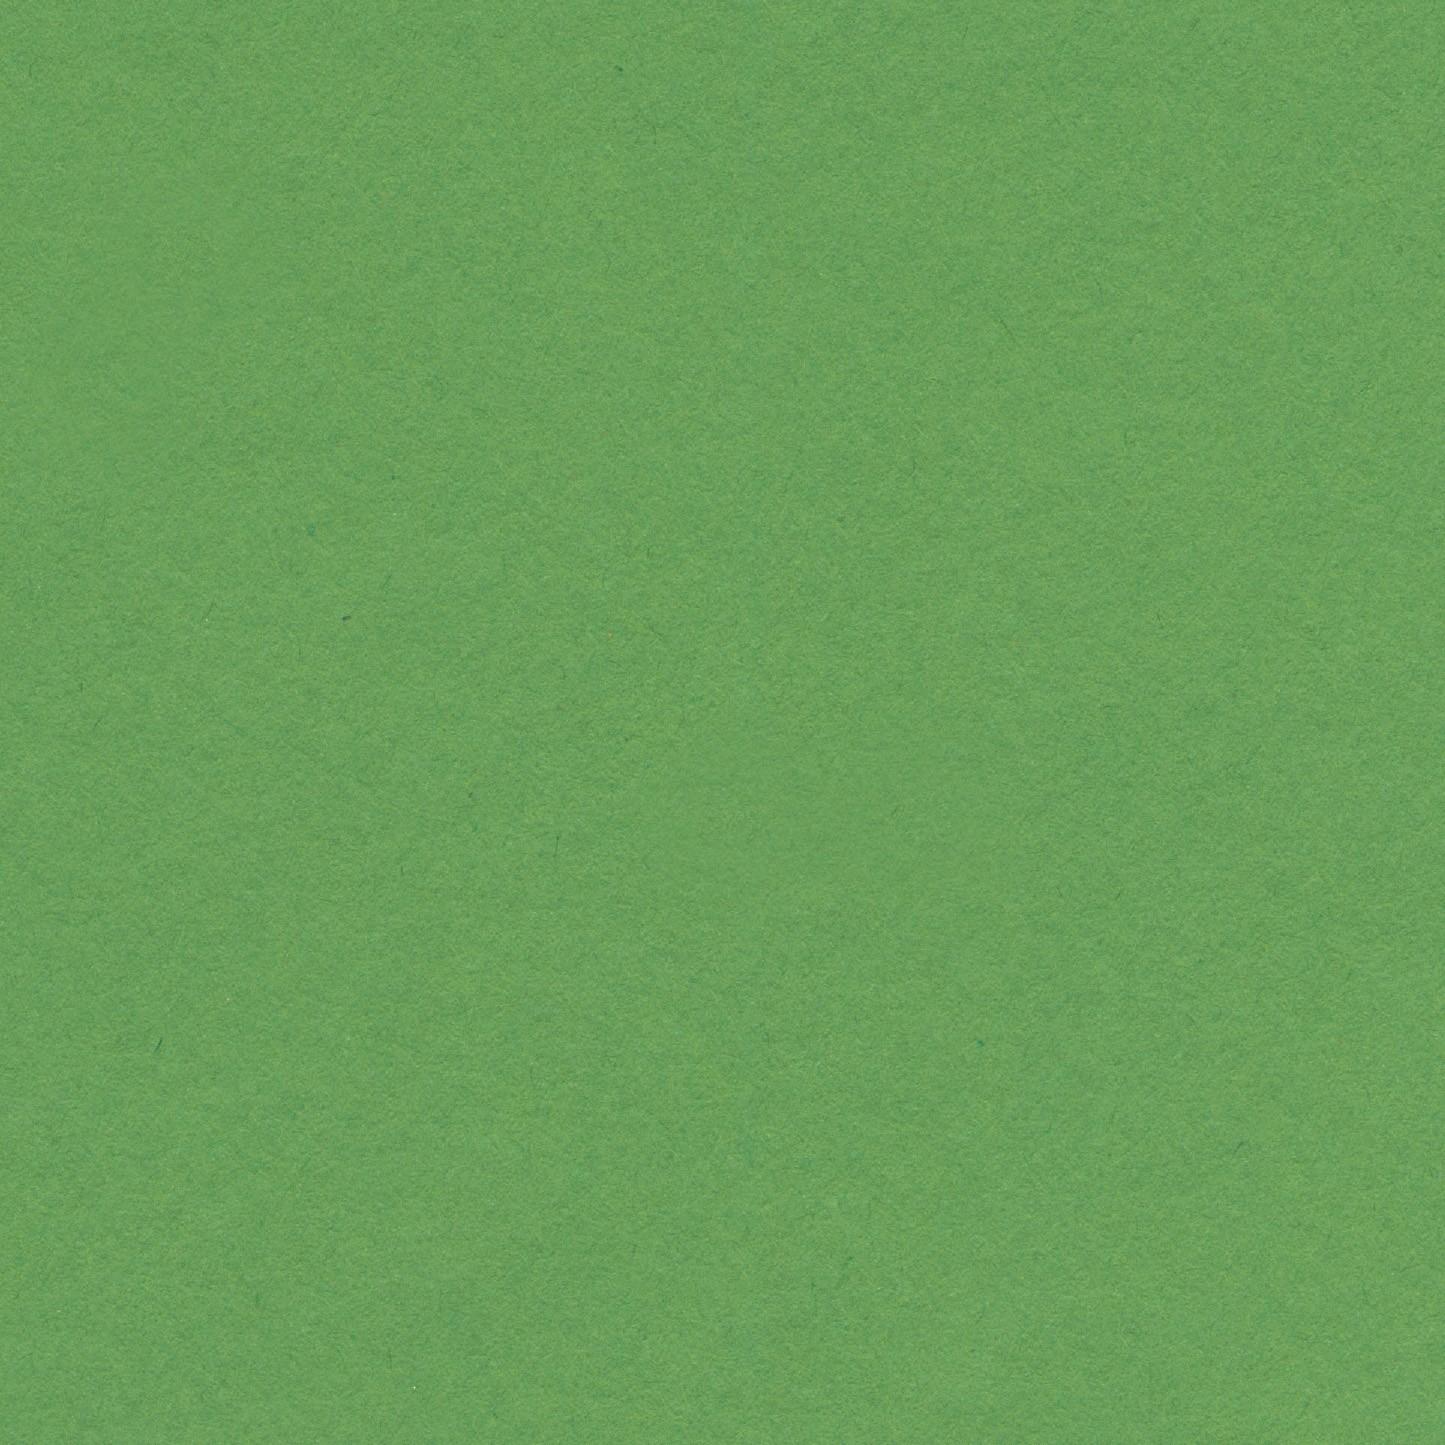 Green - Grass 250gsm